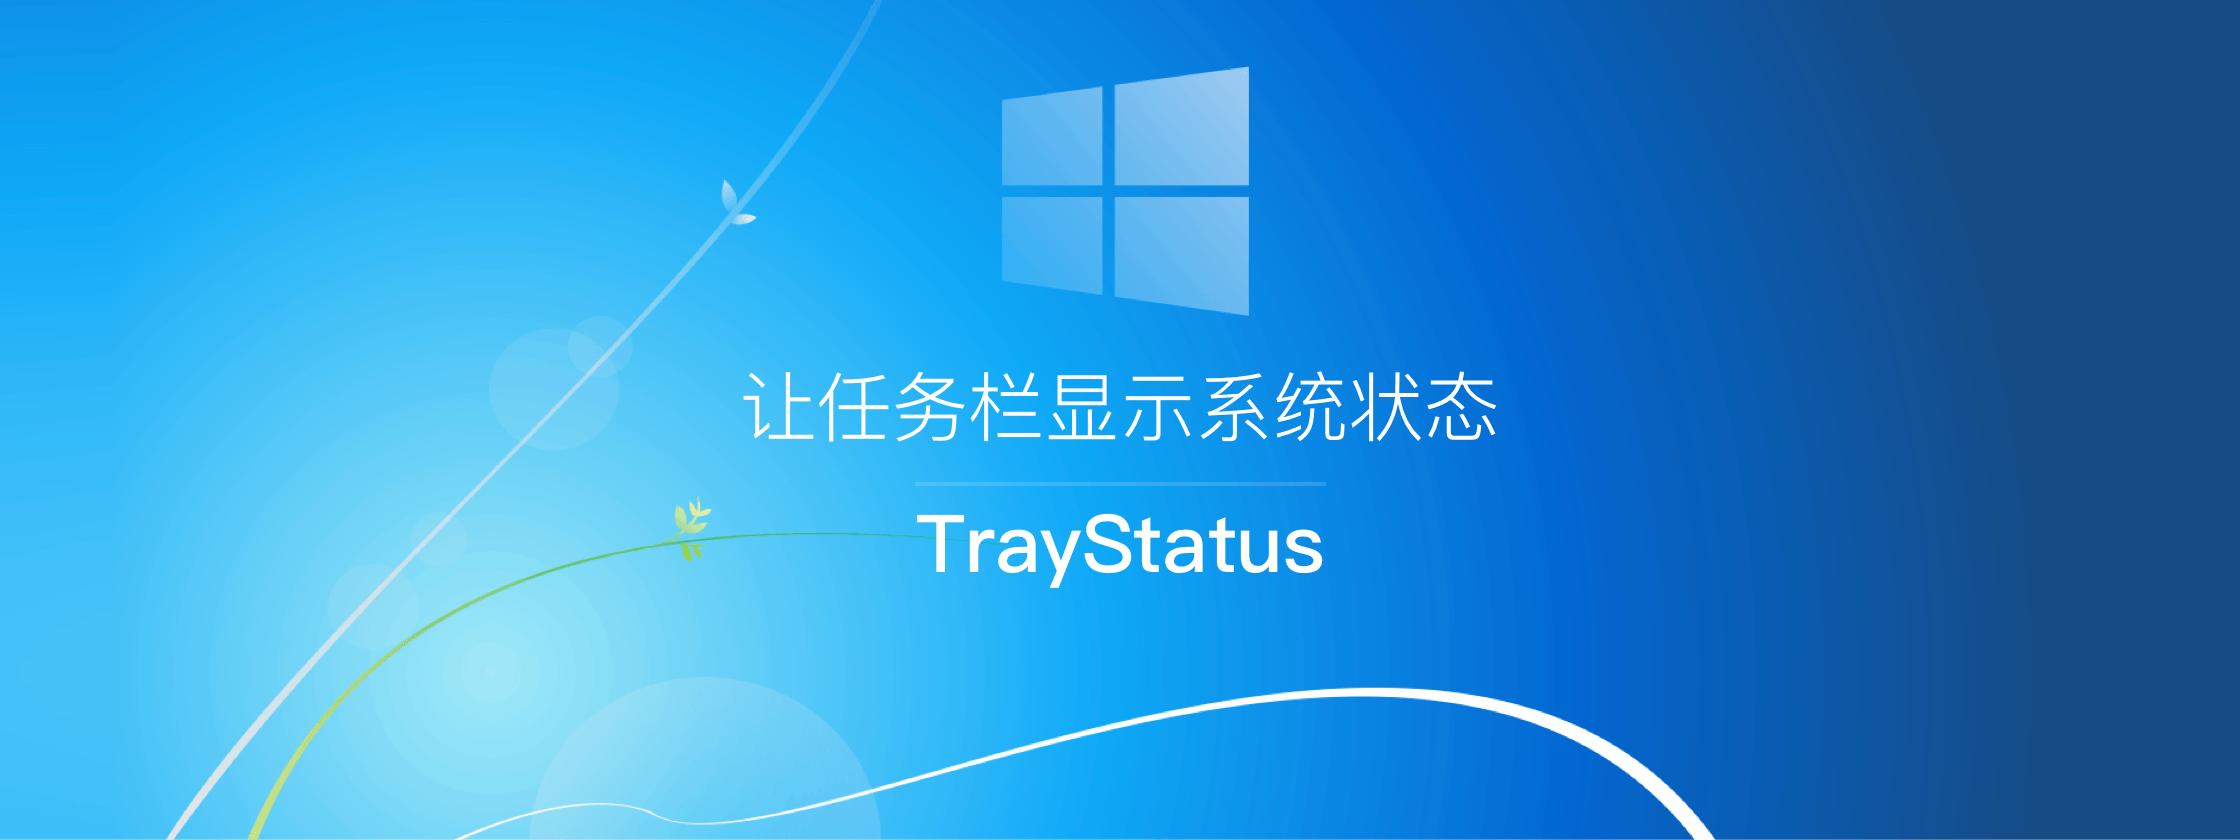 TrayStatus 让任务栏显示系统状态